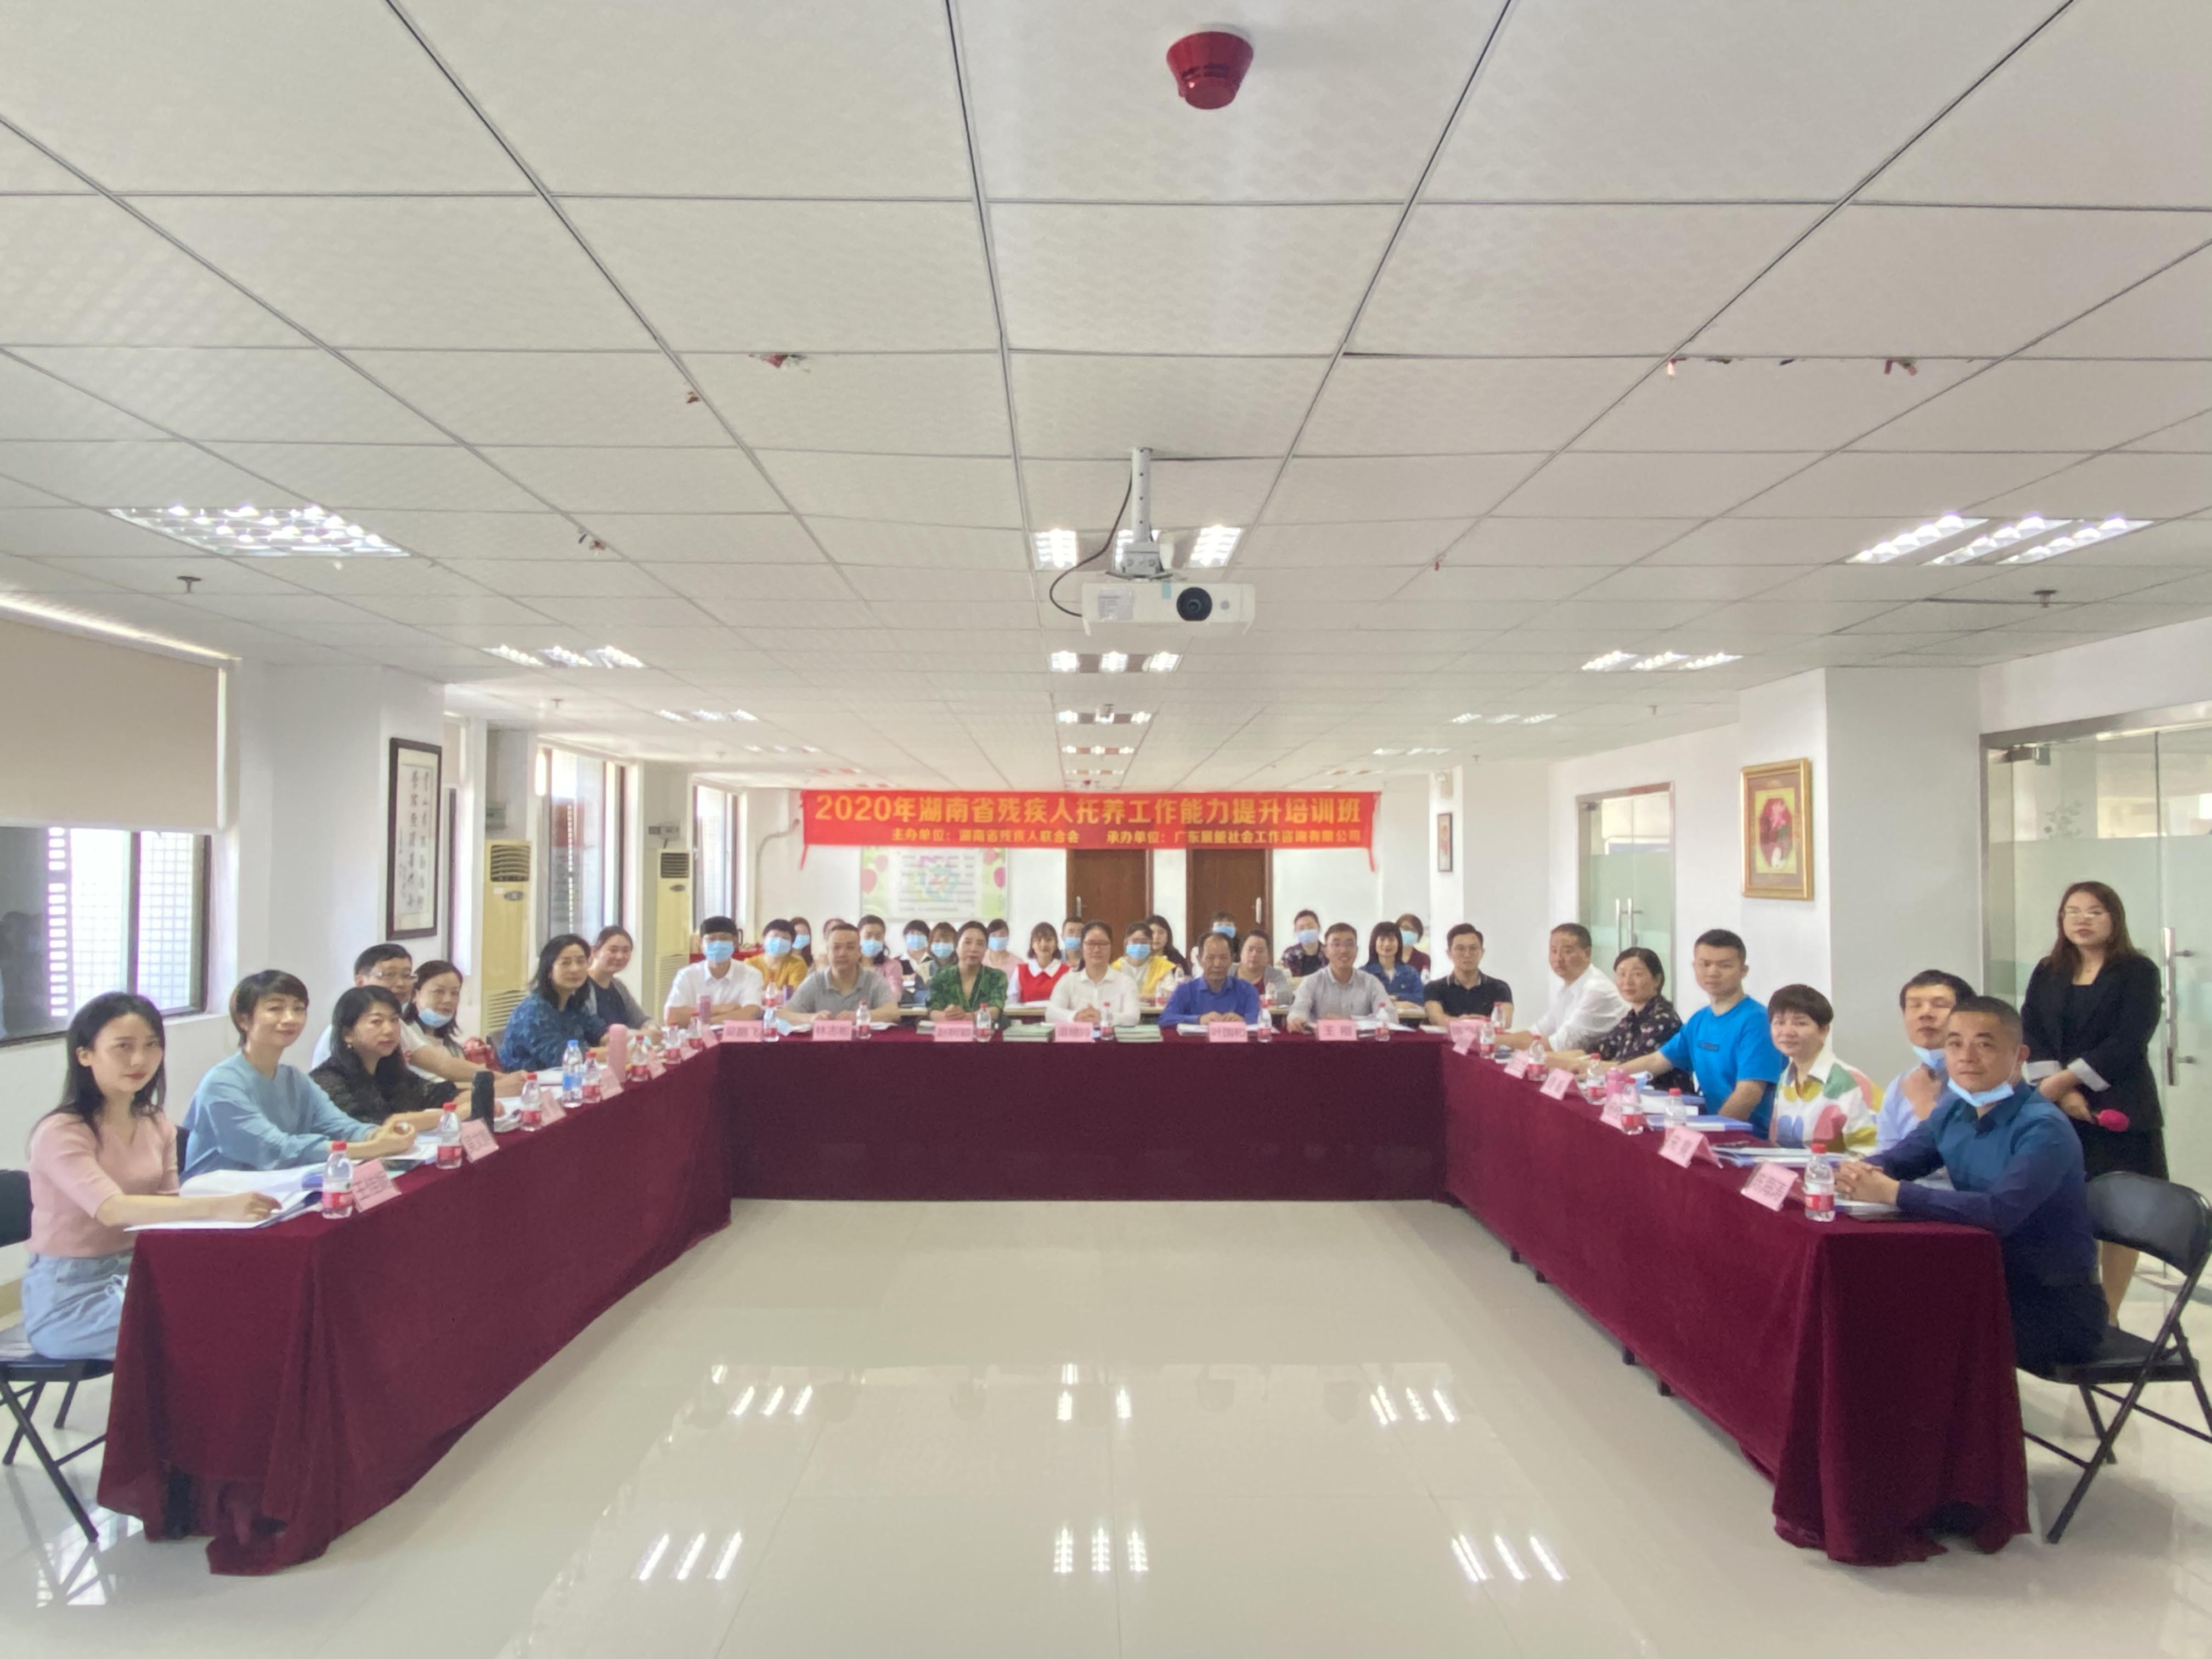 【聚焦】2020年湖南省残疾人托养工作能力提升培训班顺利举办